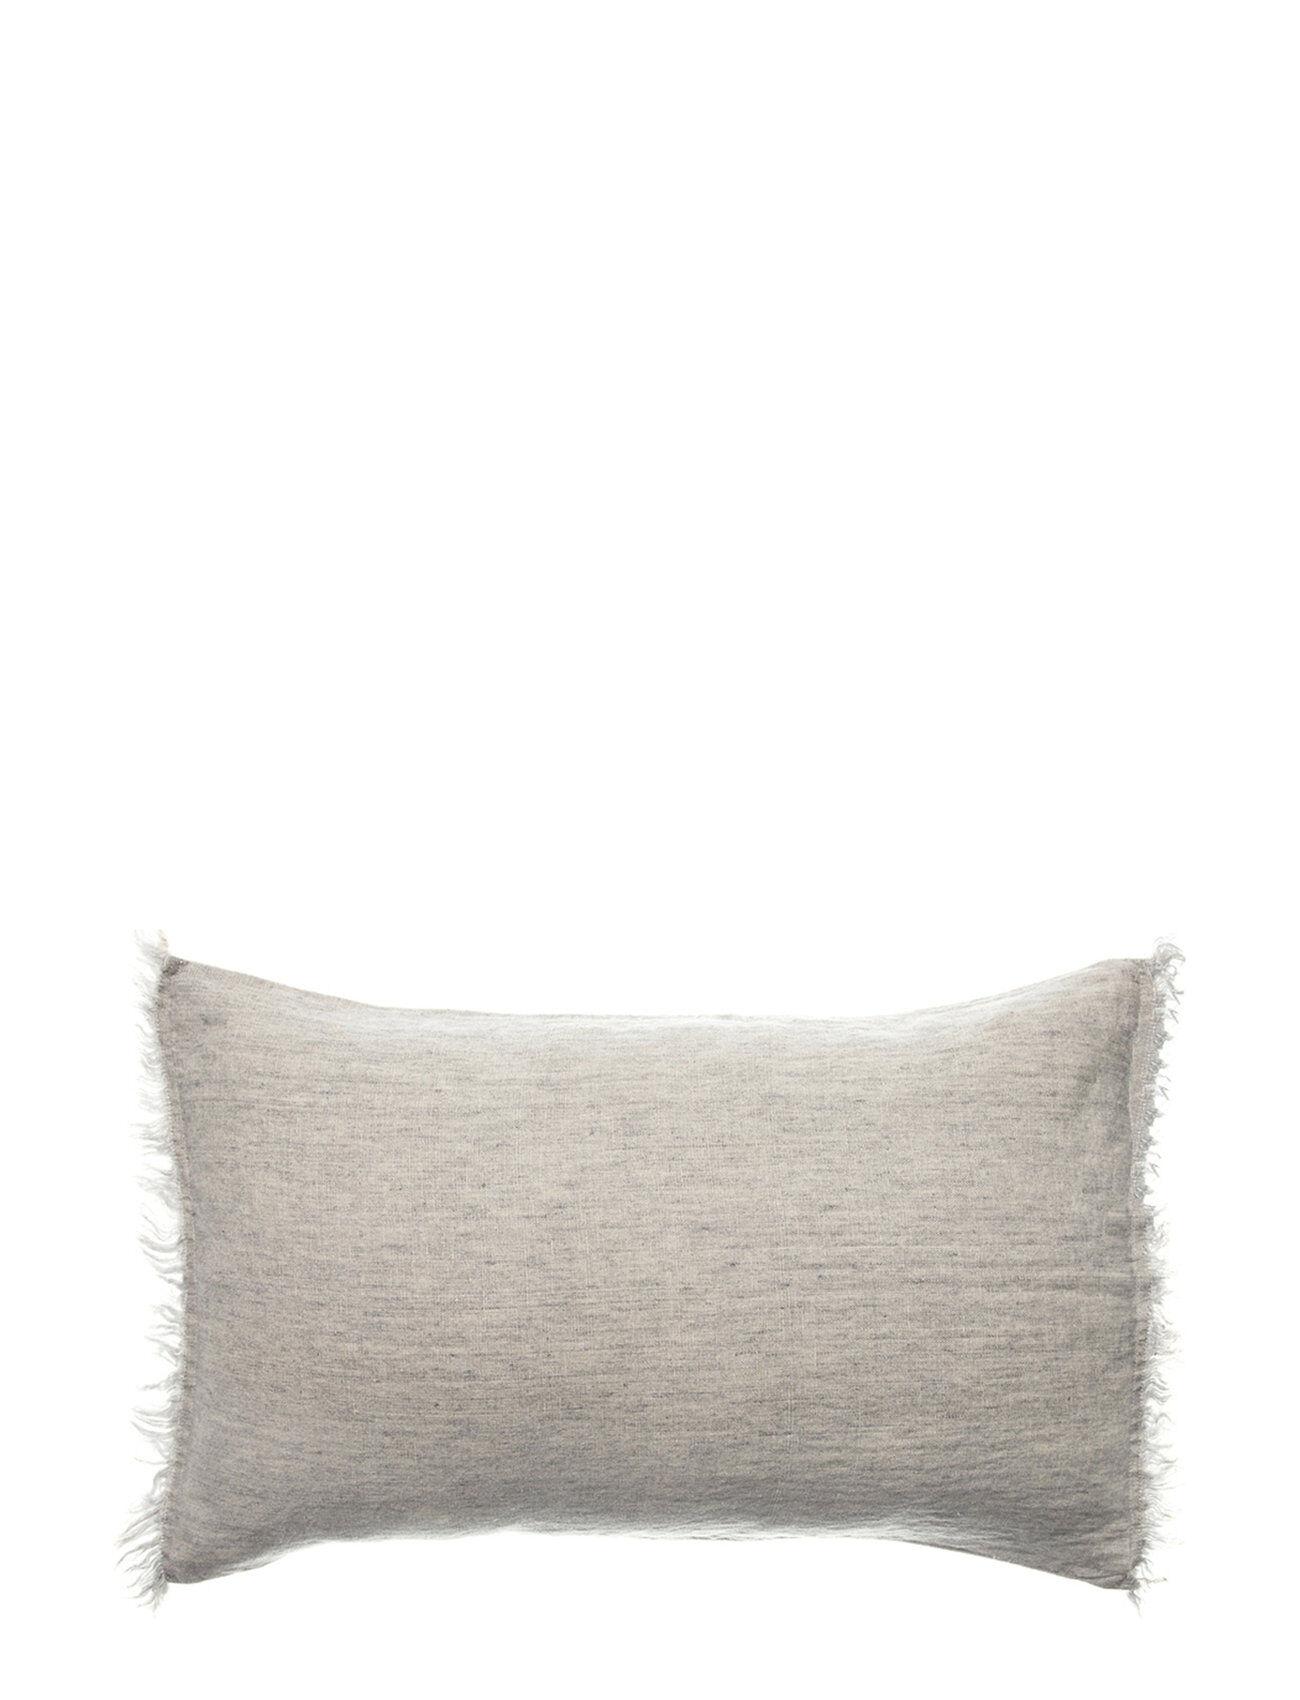 Himla Levelin Cushion Home Living Room Cushion Harmaa Himla